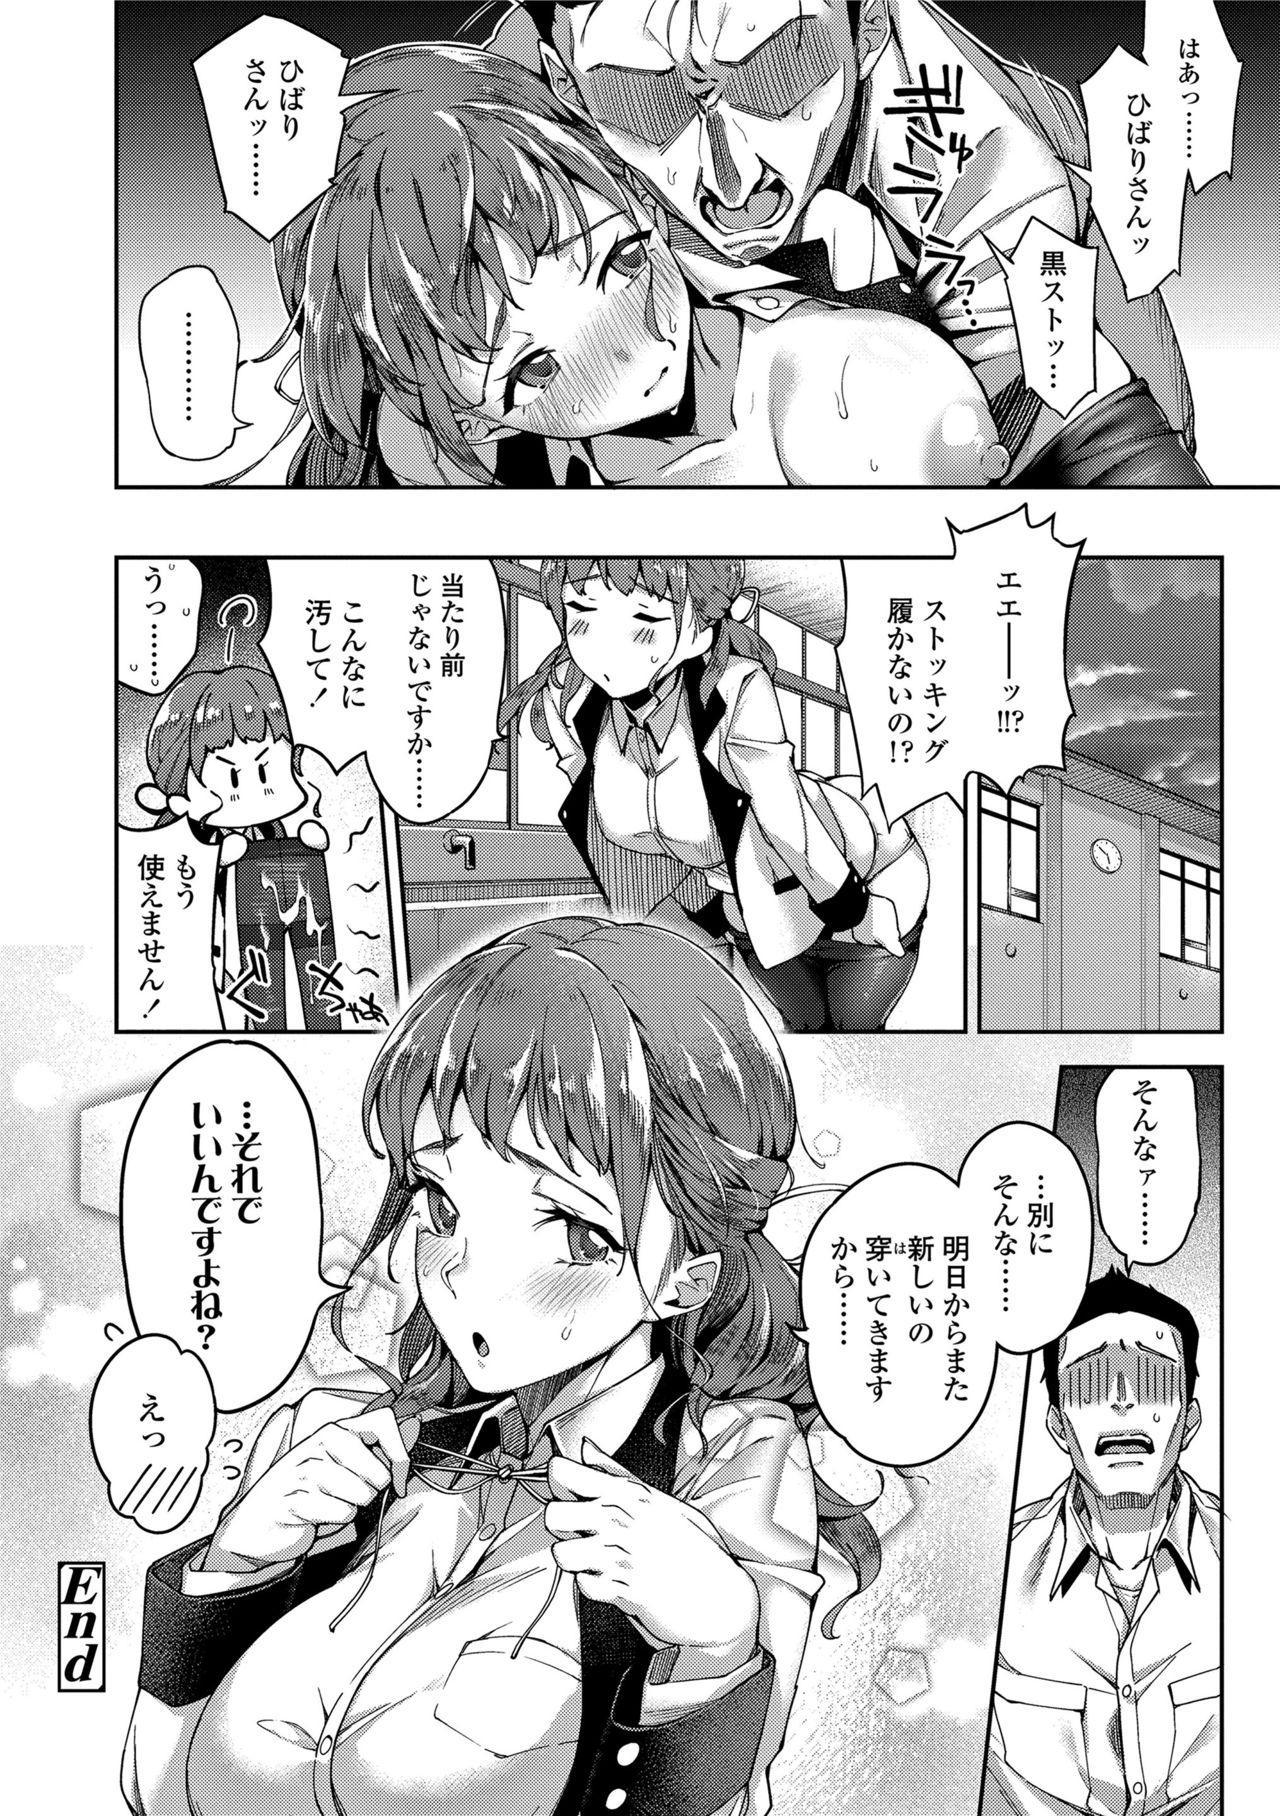 Ai ga Nakutemo Ecchi wa Dekiru! - Even if There is No Love You Can H! 21